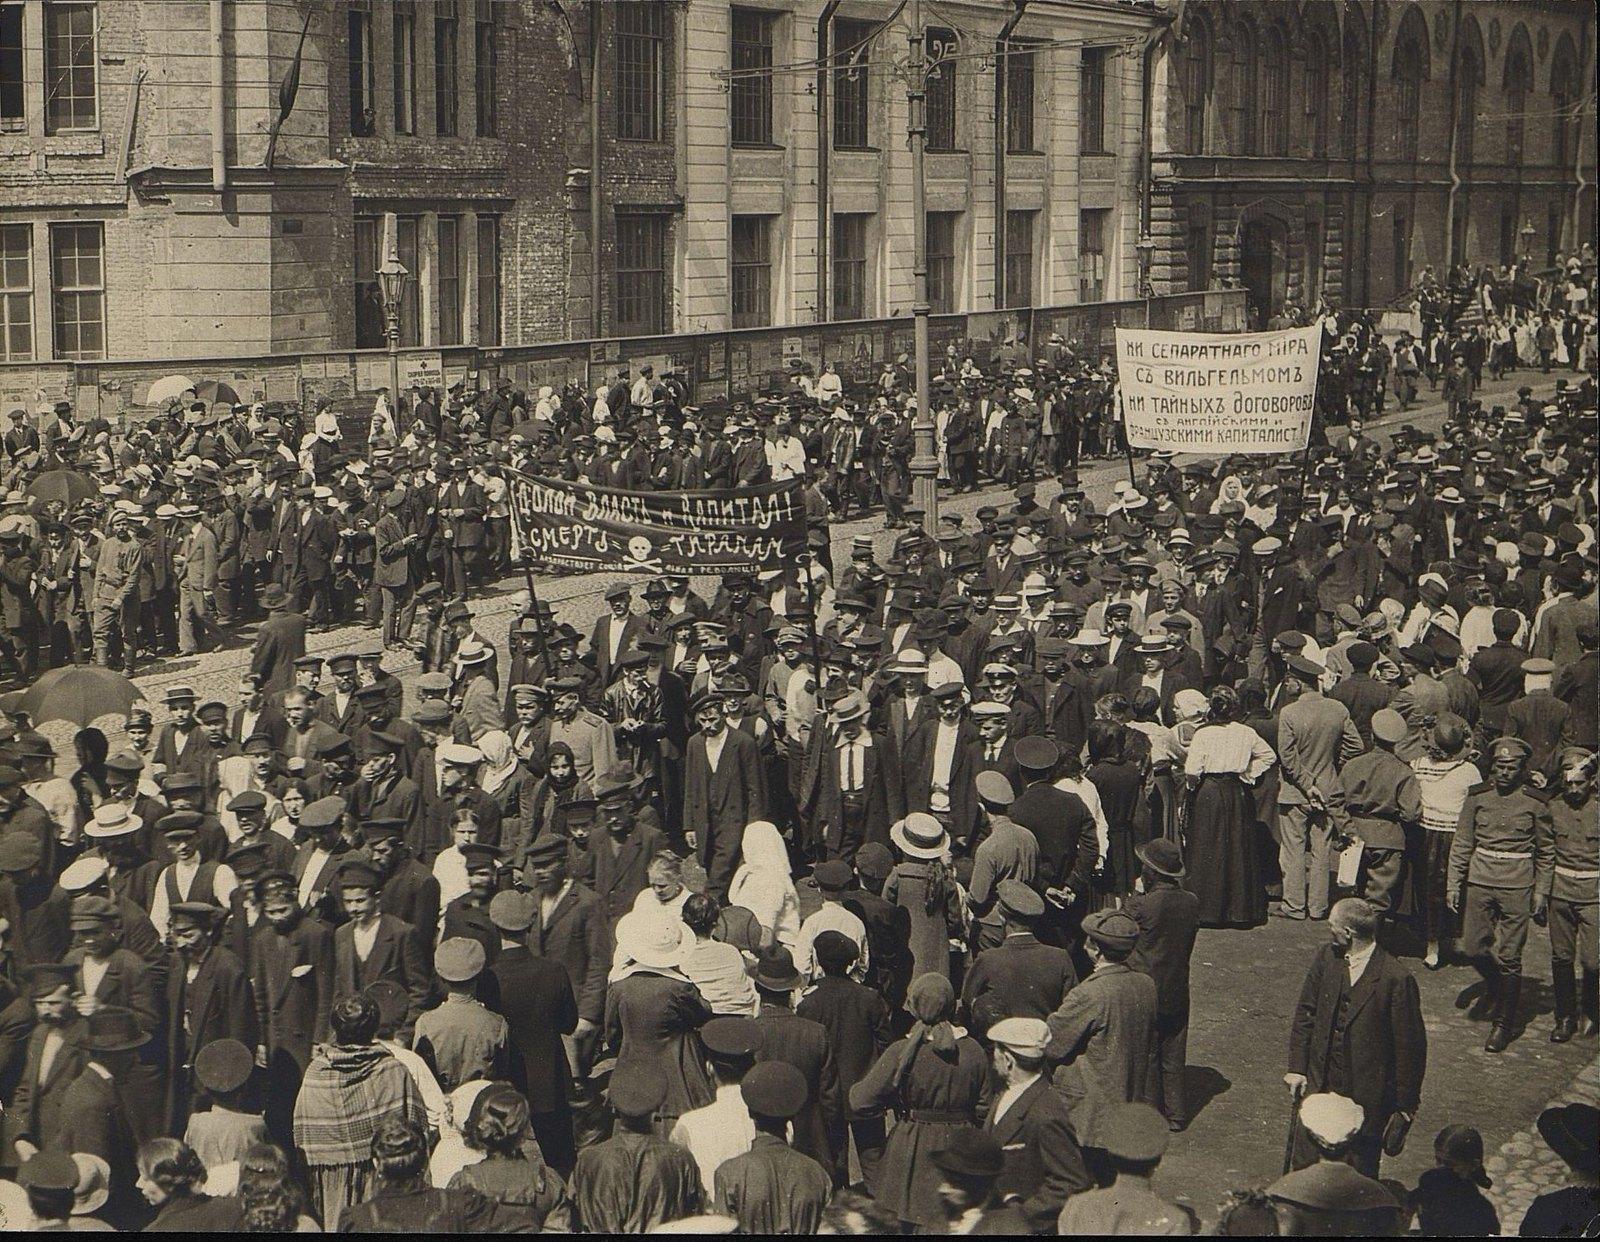 03. 3-5 июля.Июльские дни в Петрограде (на Литейном у Литейного моста)